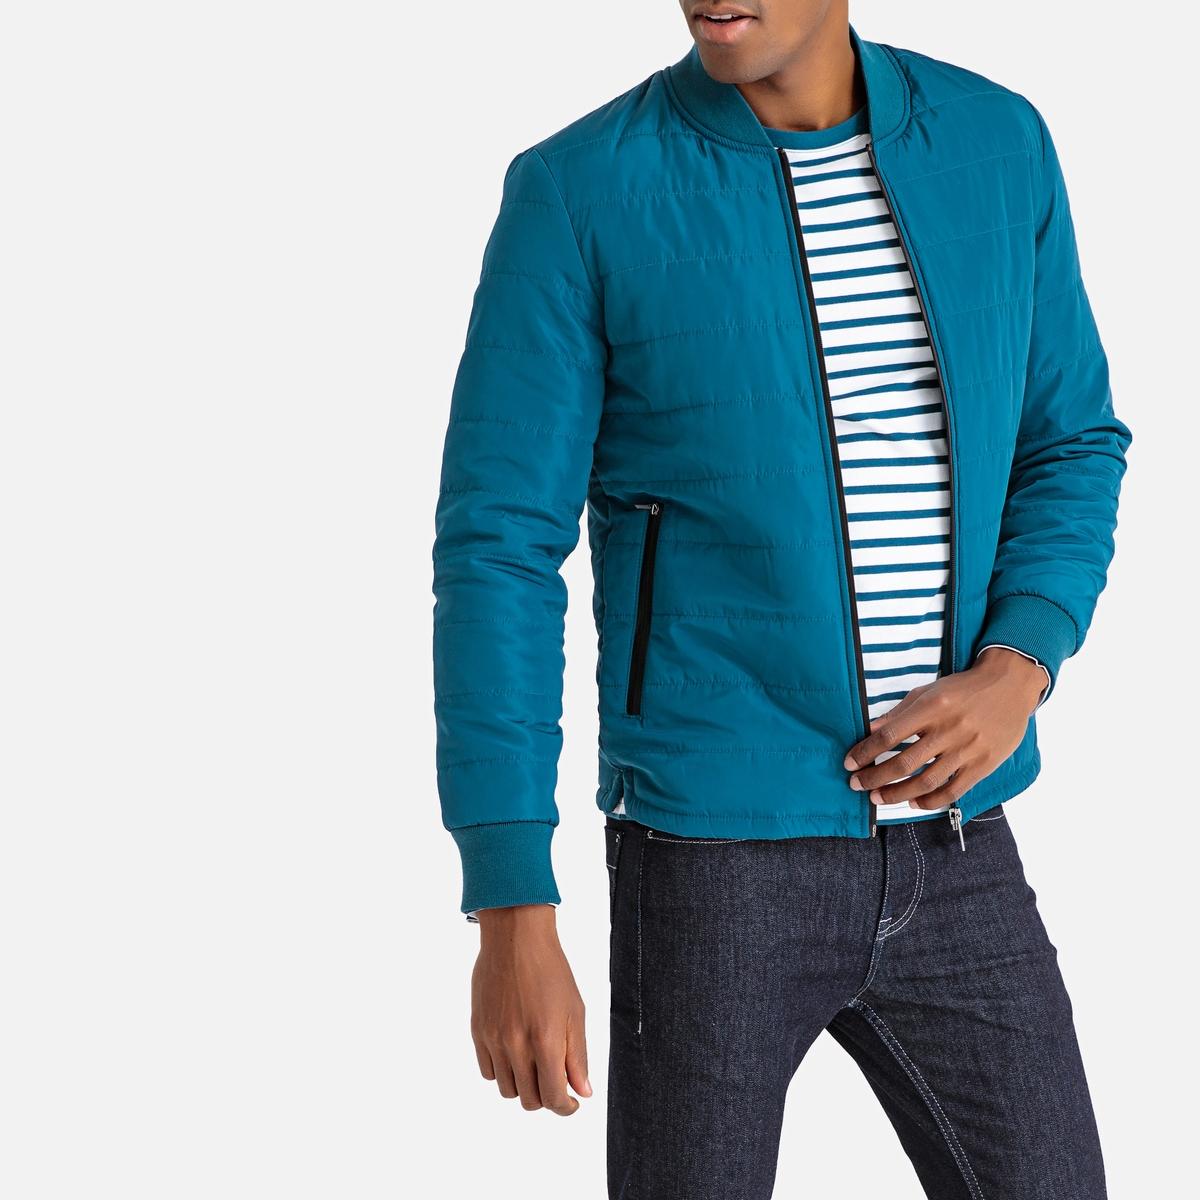 Куртка стеганая короткая с воротником-кадетом, демисезонная модель